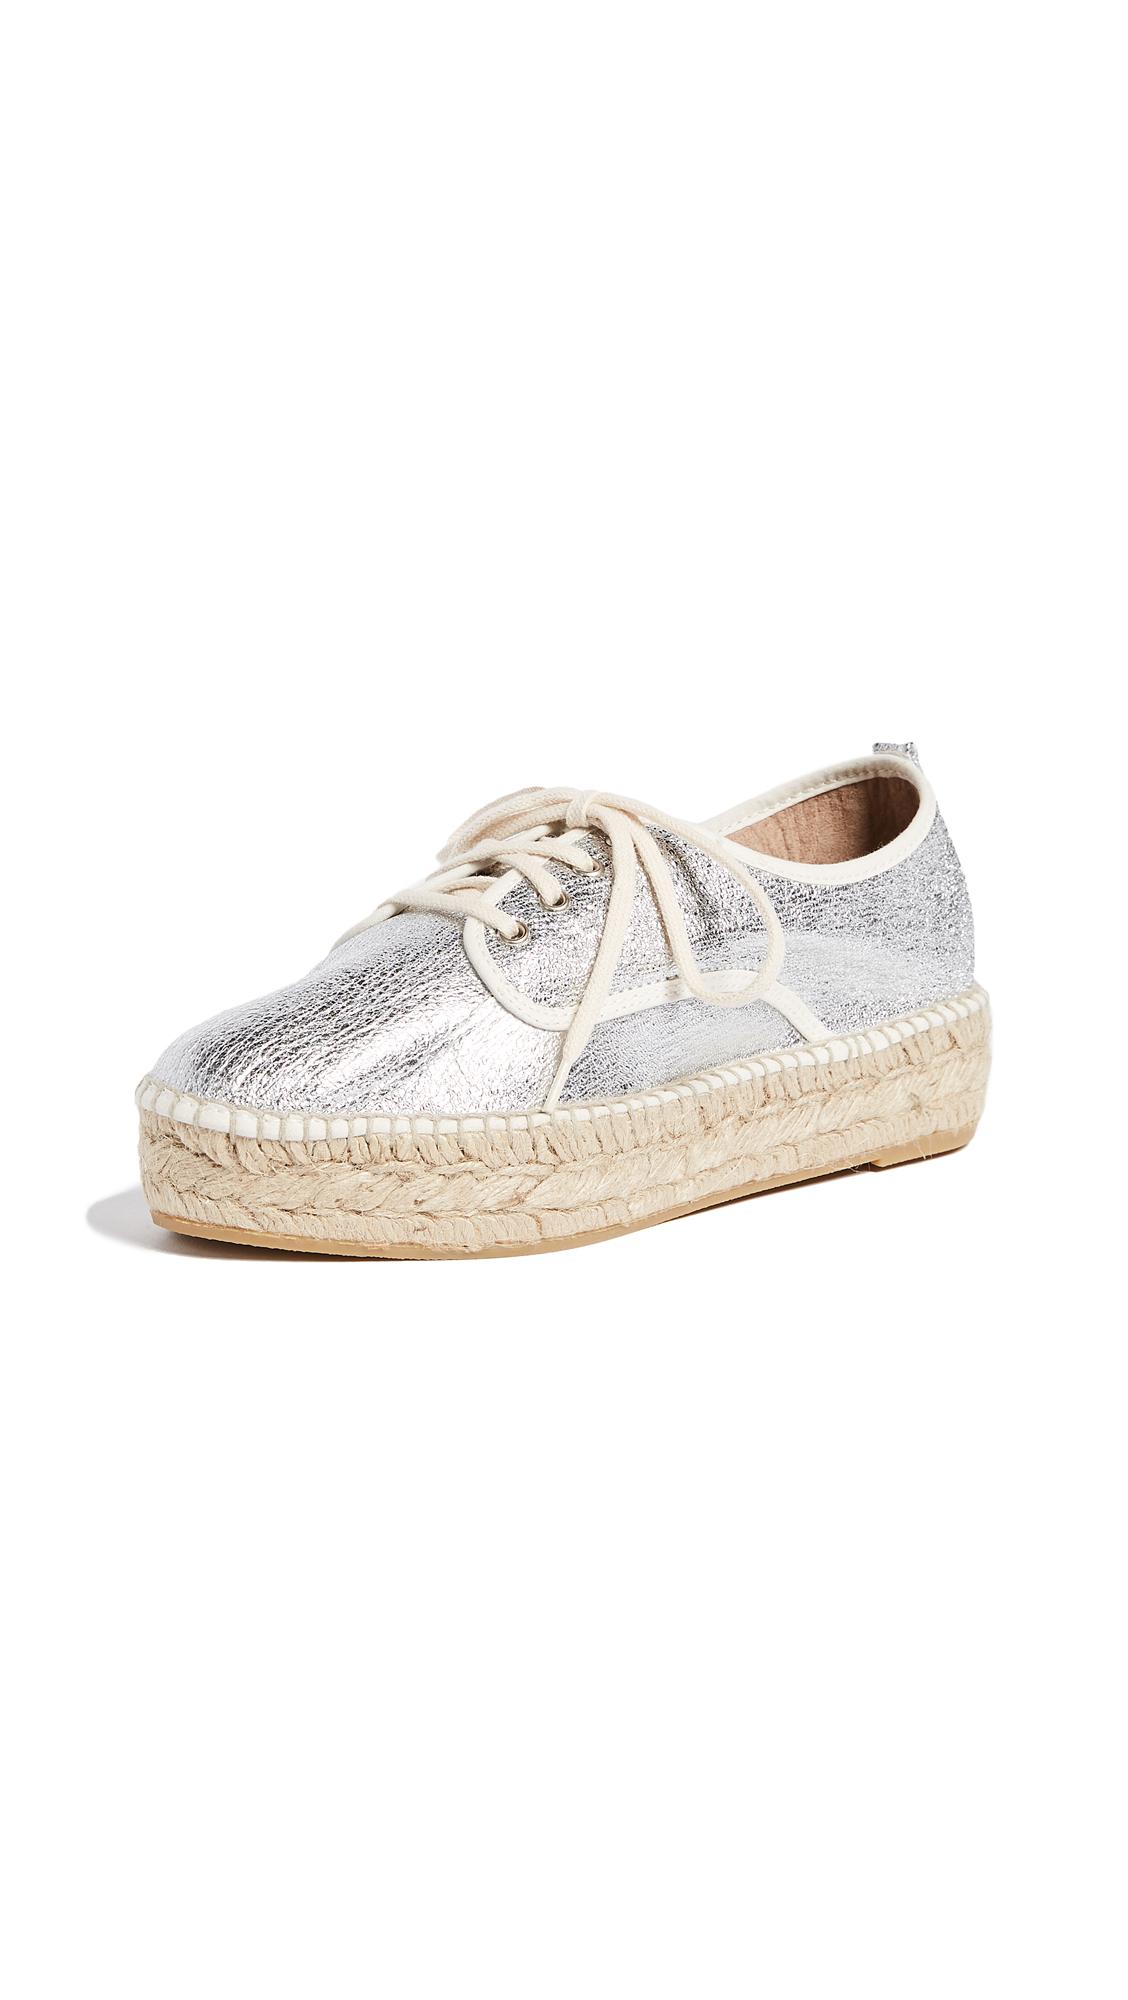 Loeffler Randall Alfie Espadrille Sneakers - Silver